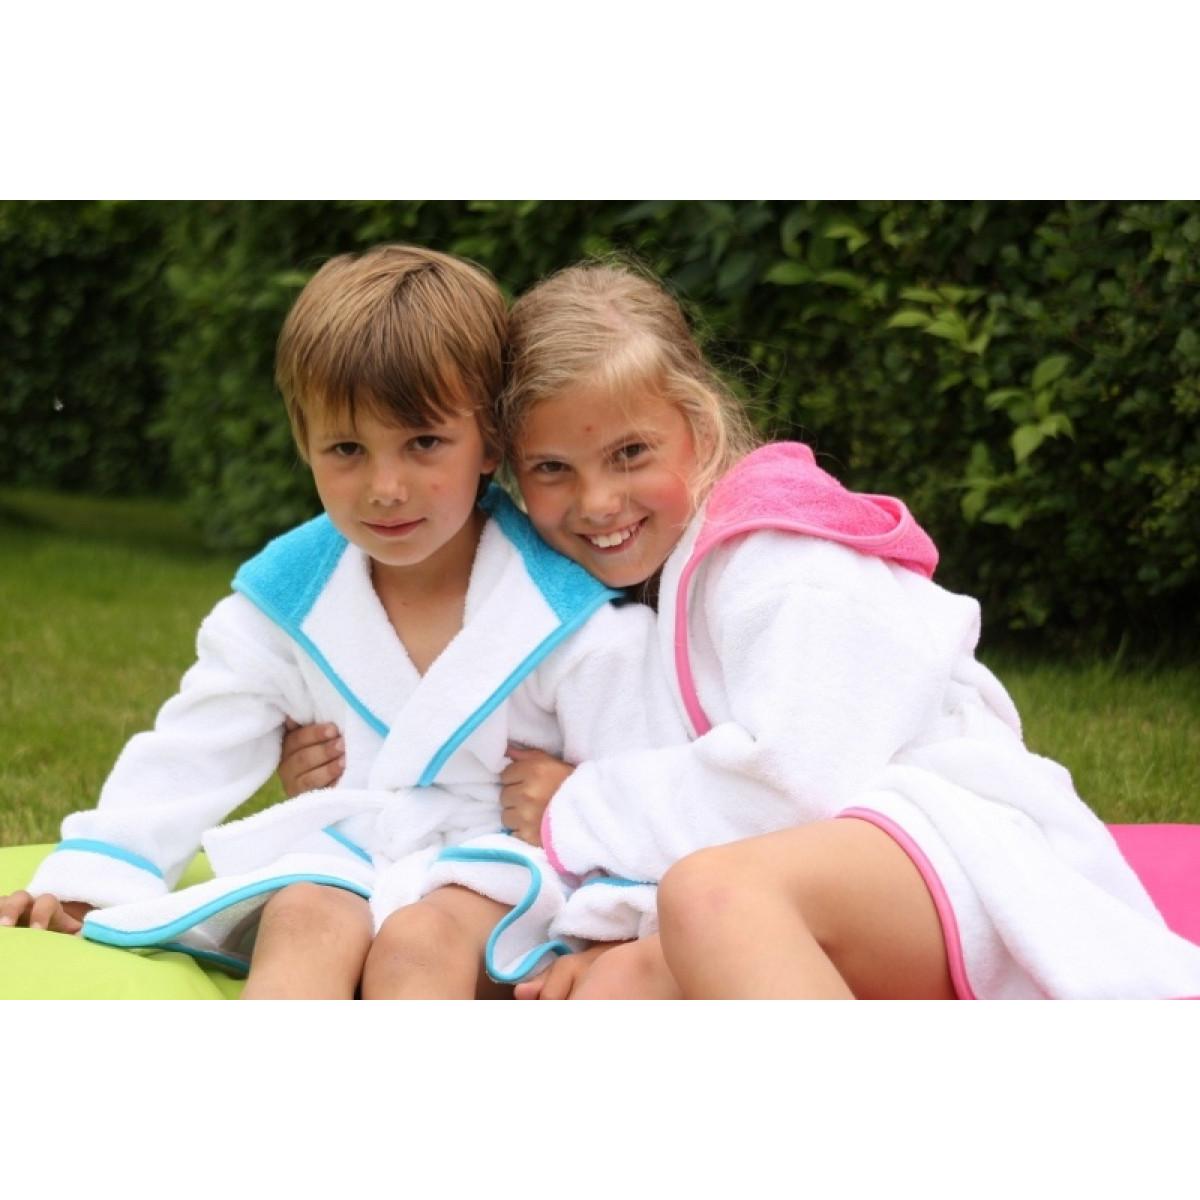 aanbieding kinderbadjas